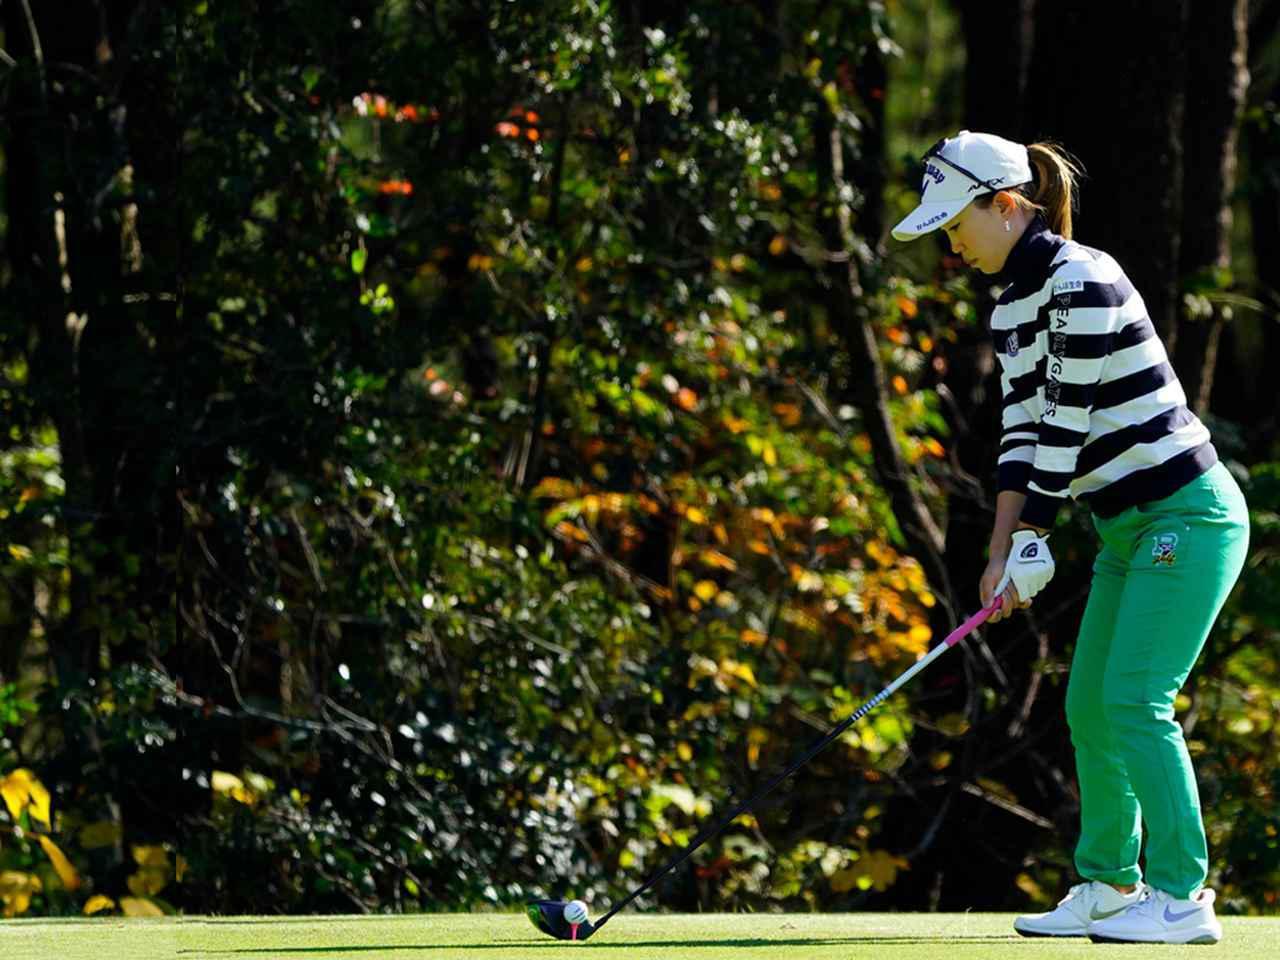 """画像47: 【プレショットルーティン調査】女子プロゴルファー上位32人をチェック! 2タイプに分かれた""""アドレスの入り方"""""""